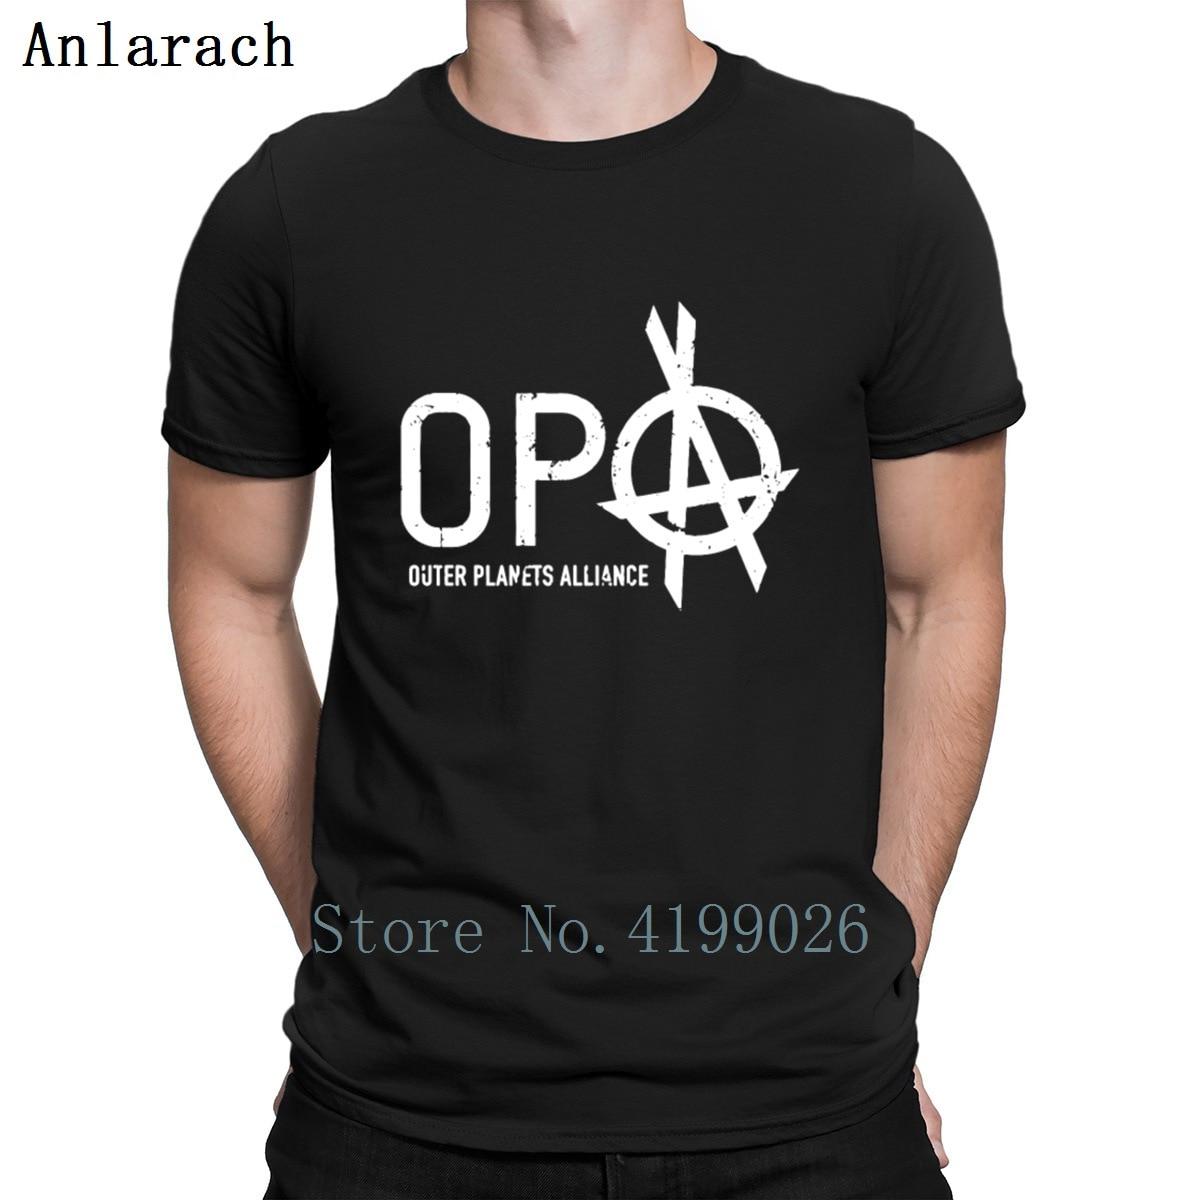 Opa The Expanse camiseta algodón Fit cuello redondo crear ropa cómoda primavera otoño camisa